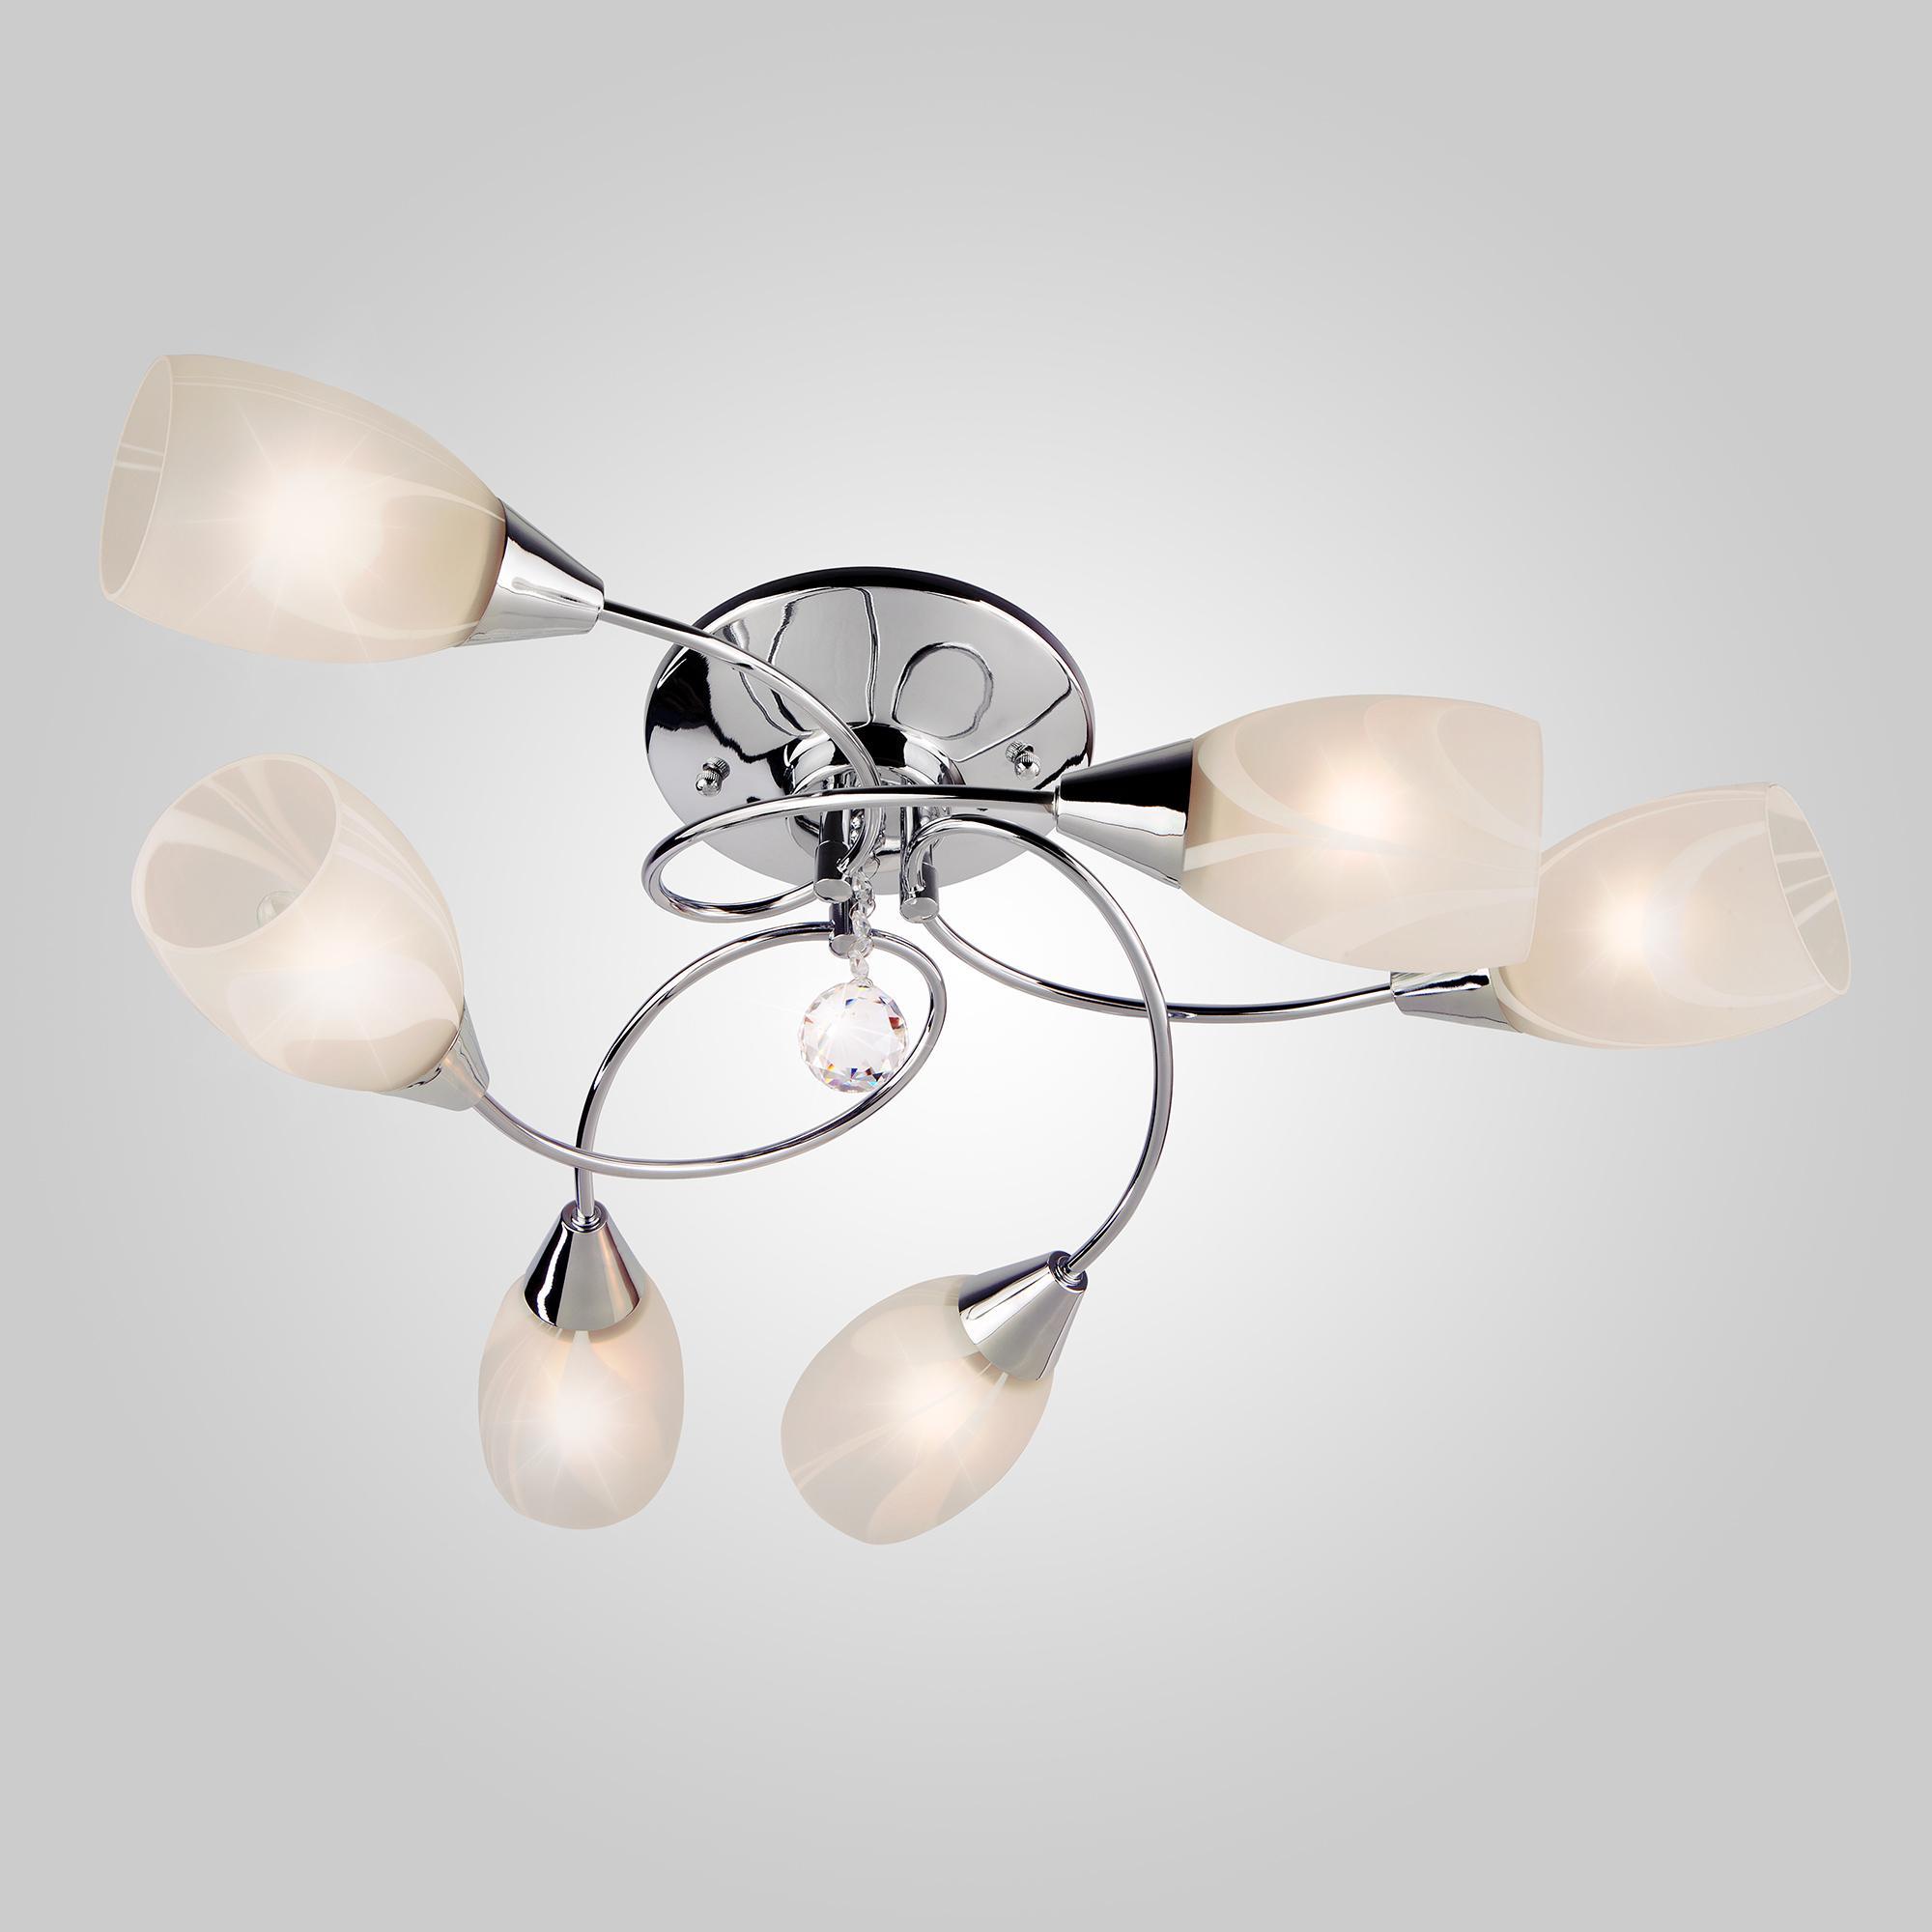 Потолочный светильник Eurosvet 2275/6 хром